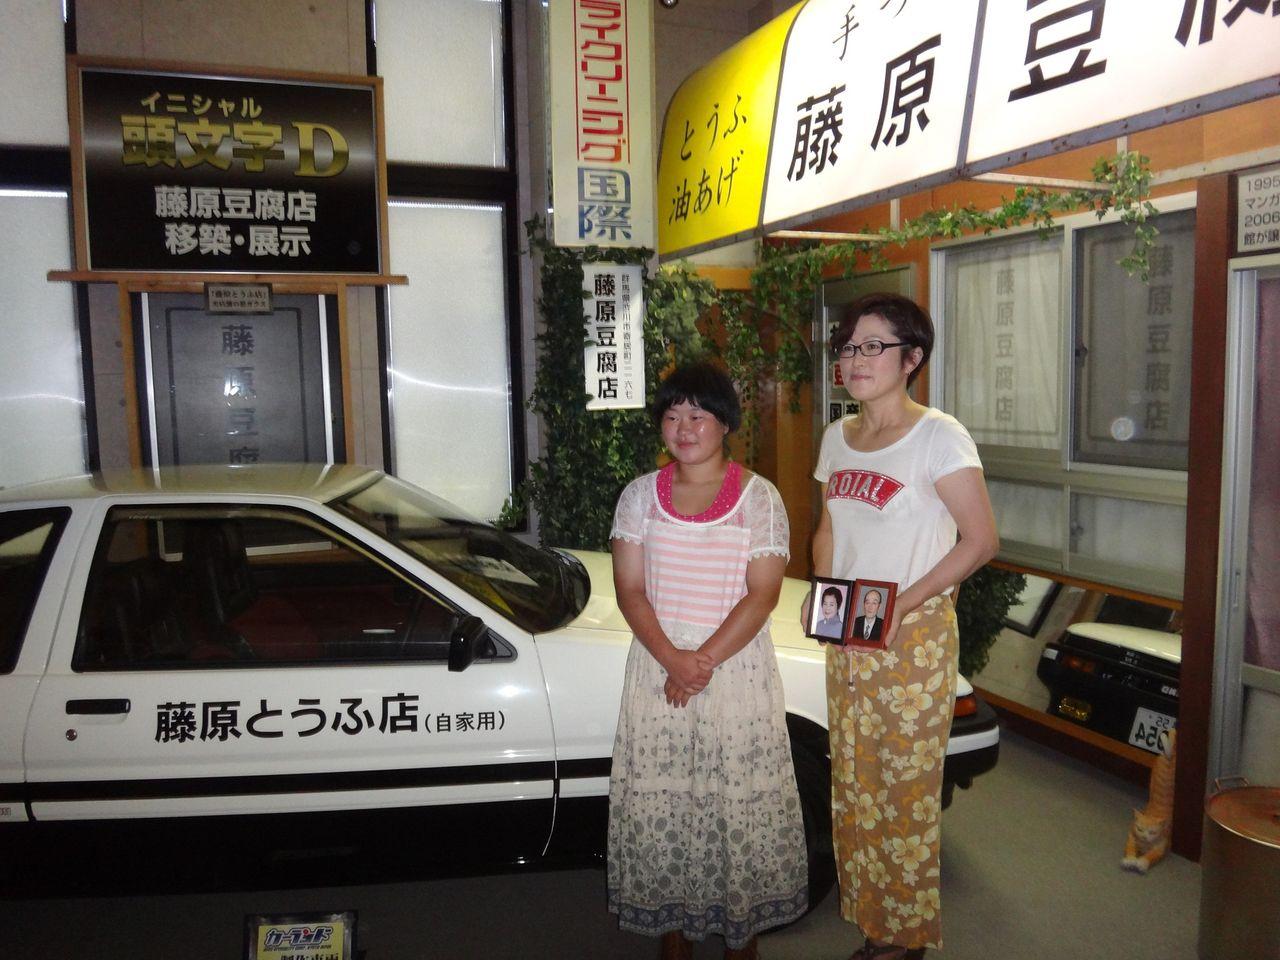 fujiwara tofu shop